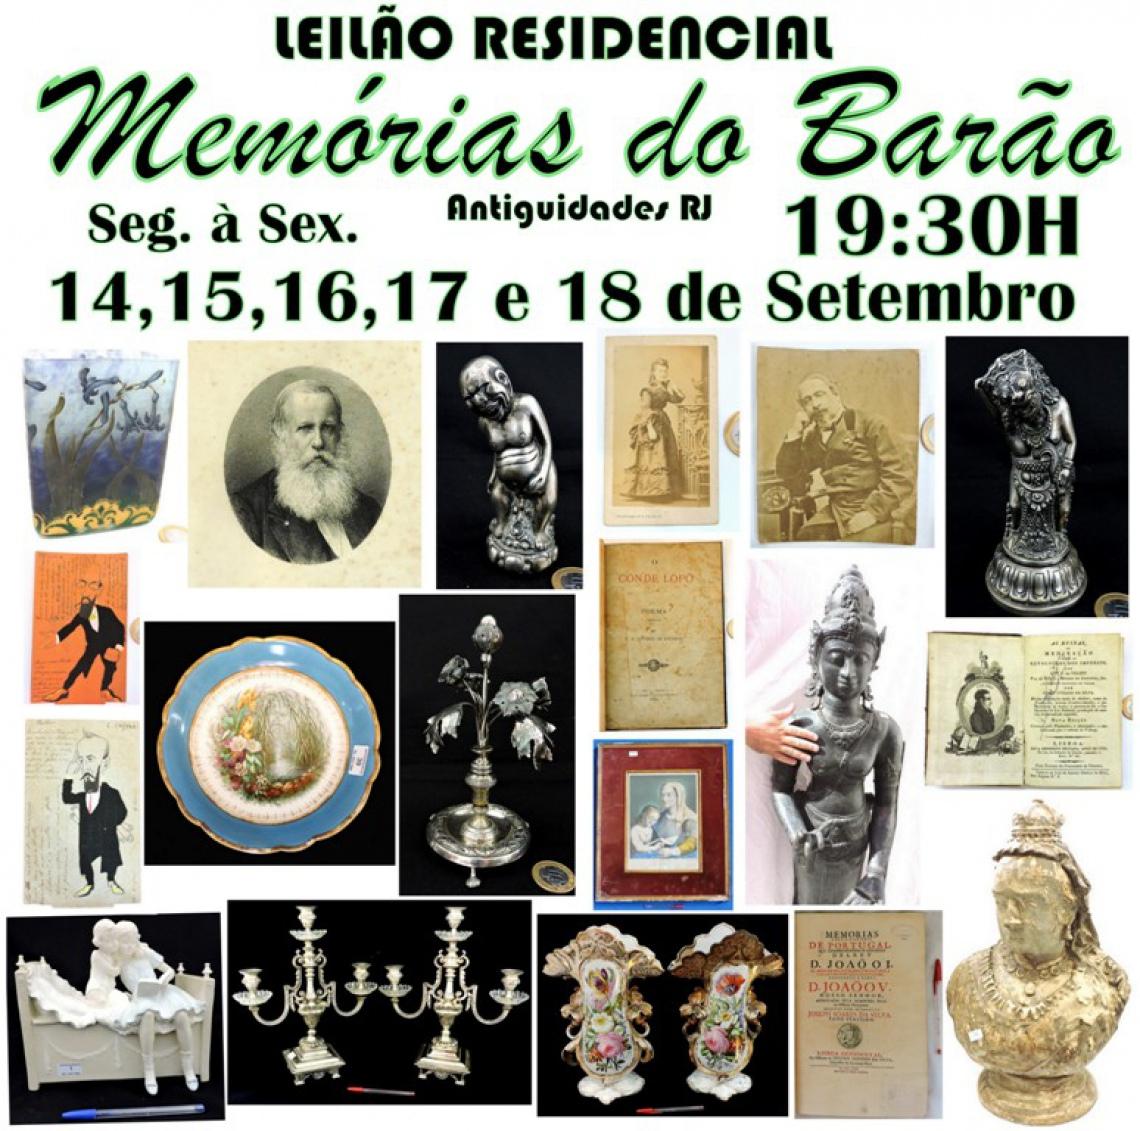 LEILÃO RESIDENCIAL MEMÓRIAS DO BARÃO ANTIGUIDADES RJ